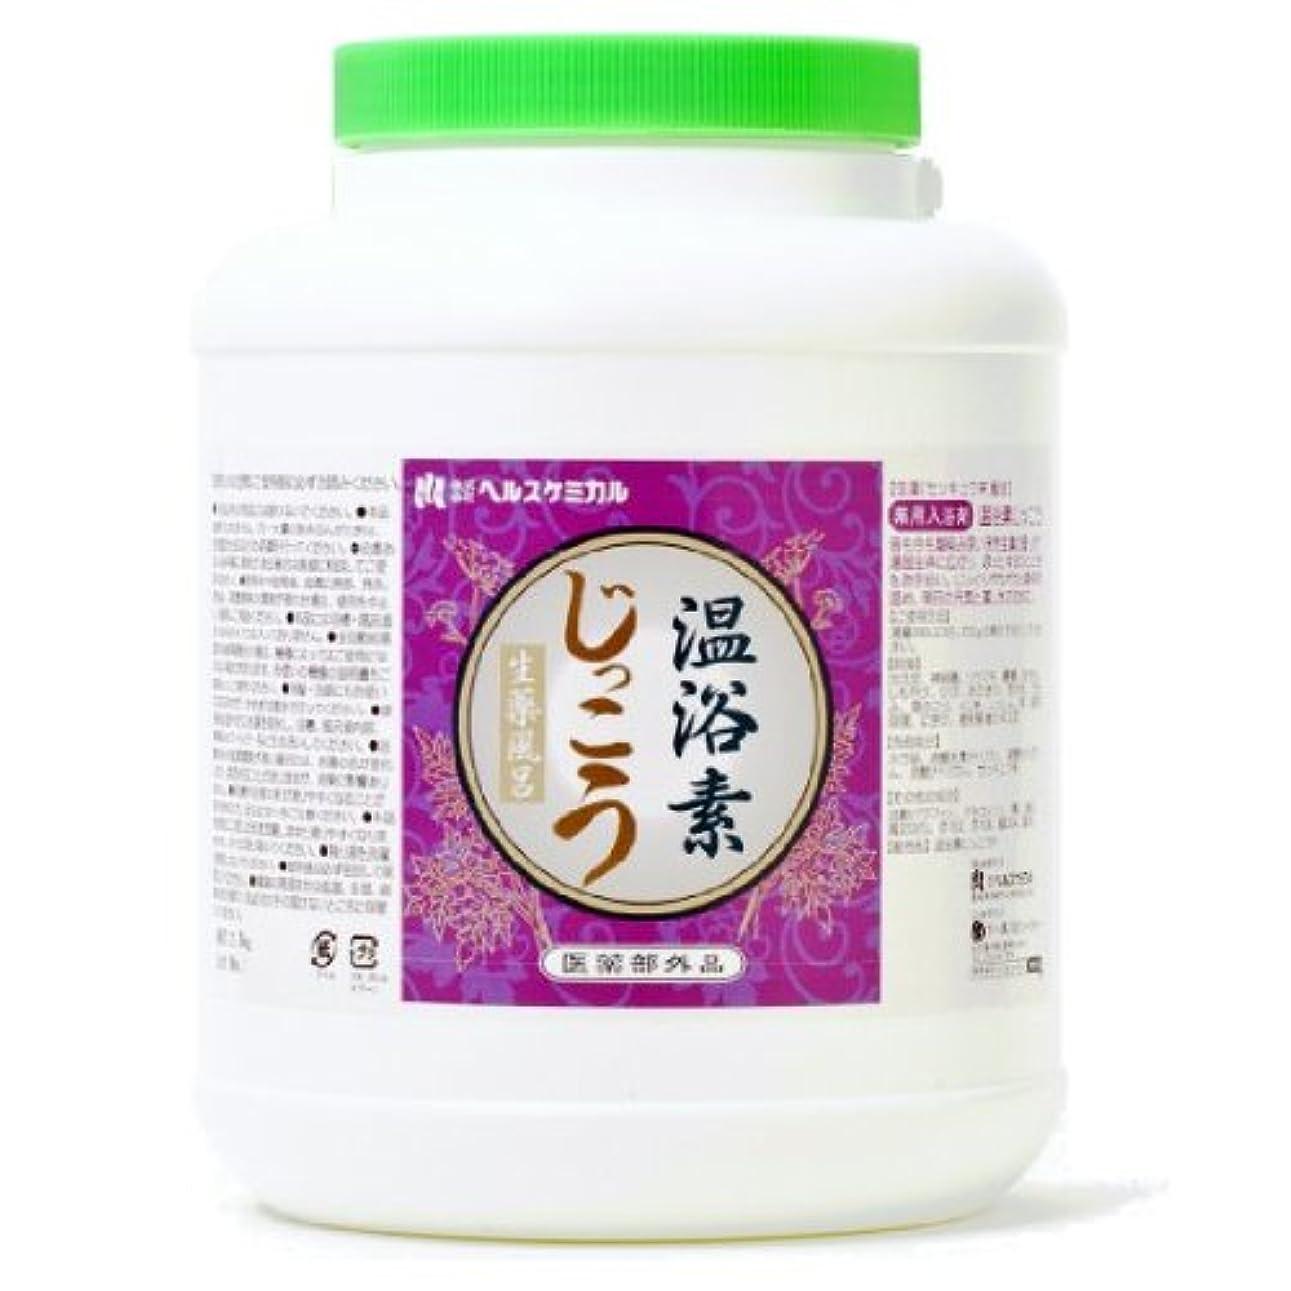 訴える役に立つ伝導温浴素 じっこう 2.5kg 約125回分 粉末 生薬 薬湯 医薬部外品 ロングセラー 天然生薬 の 香り